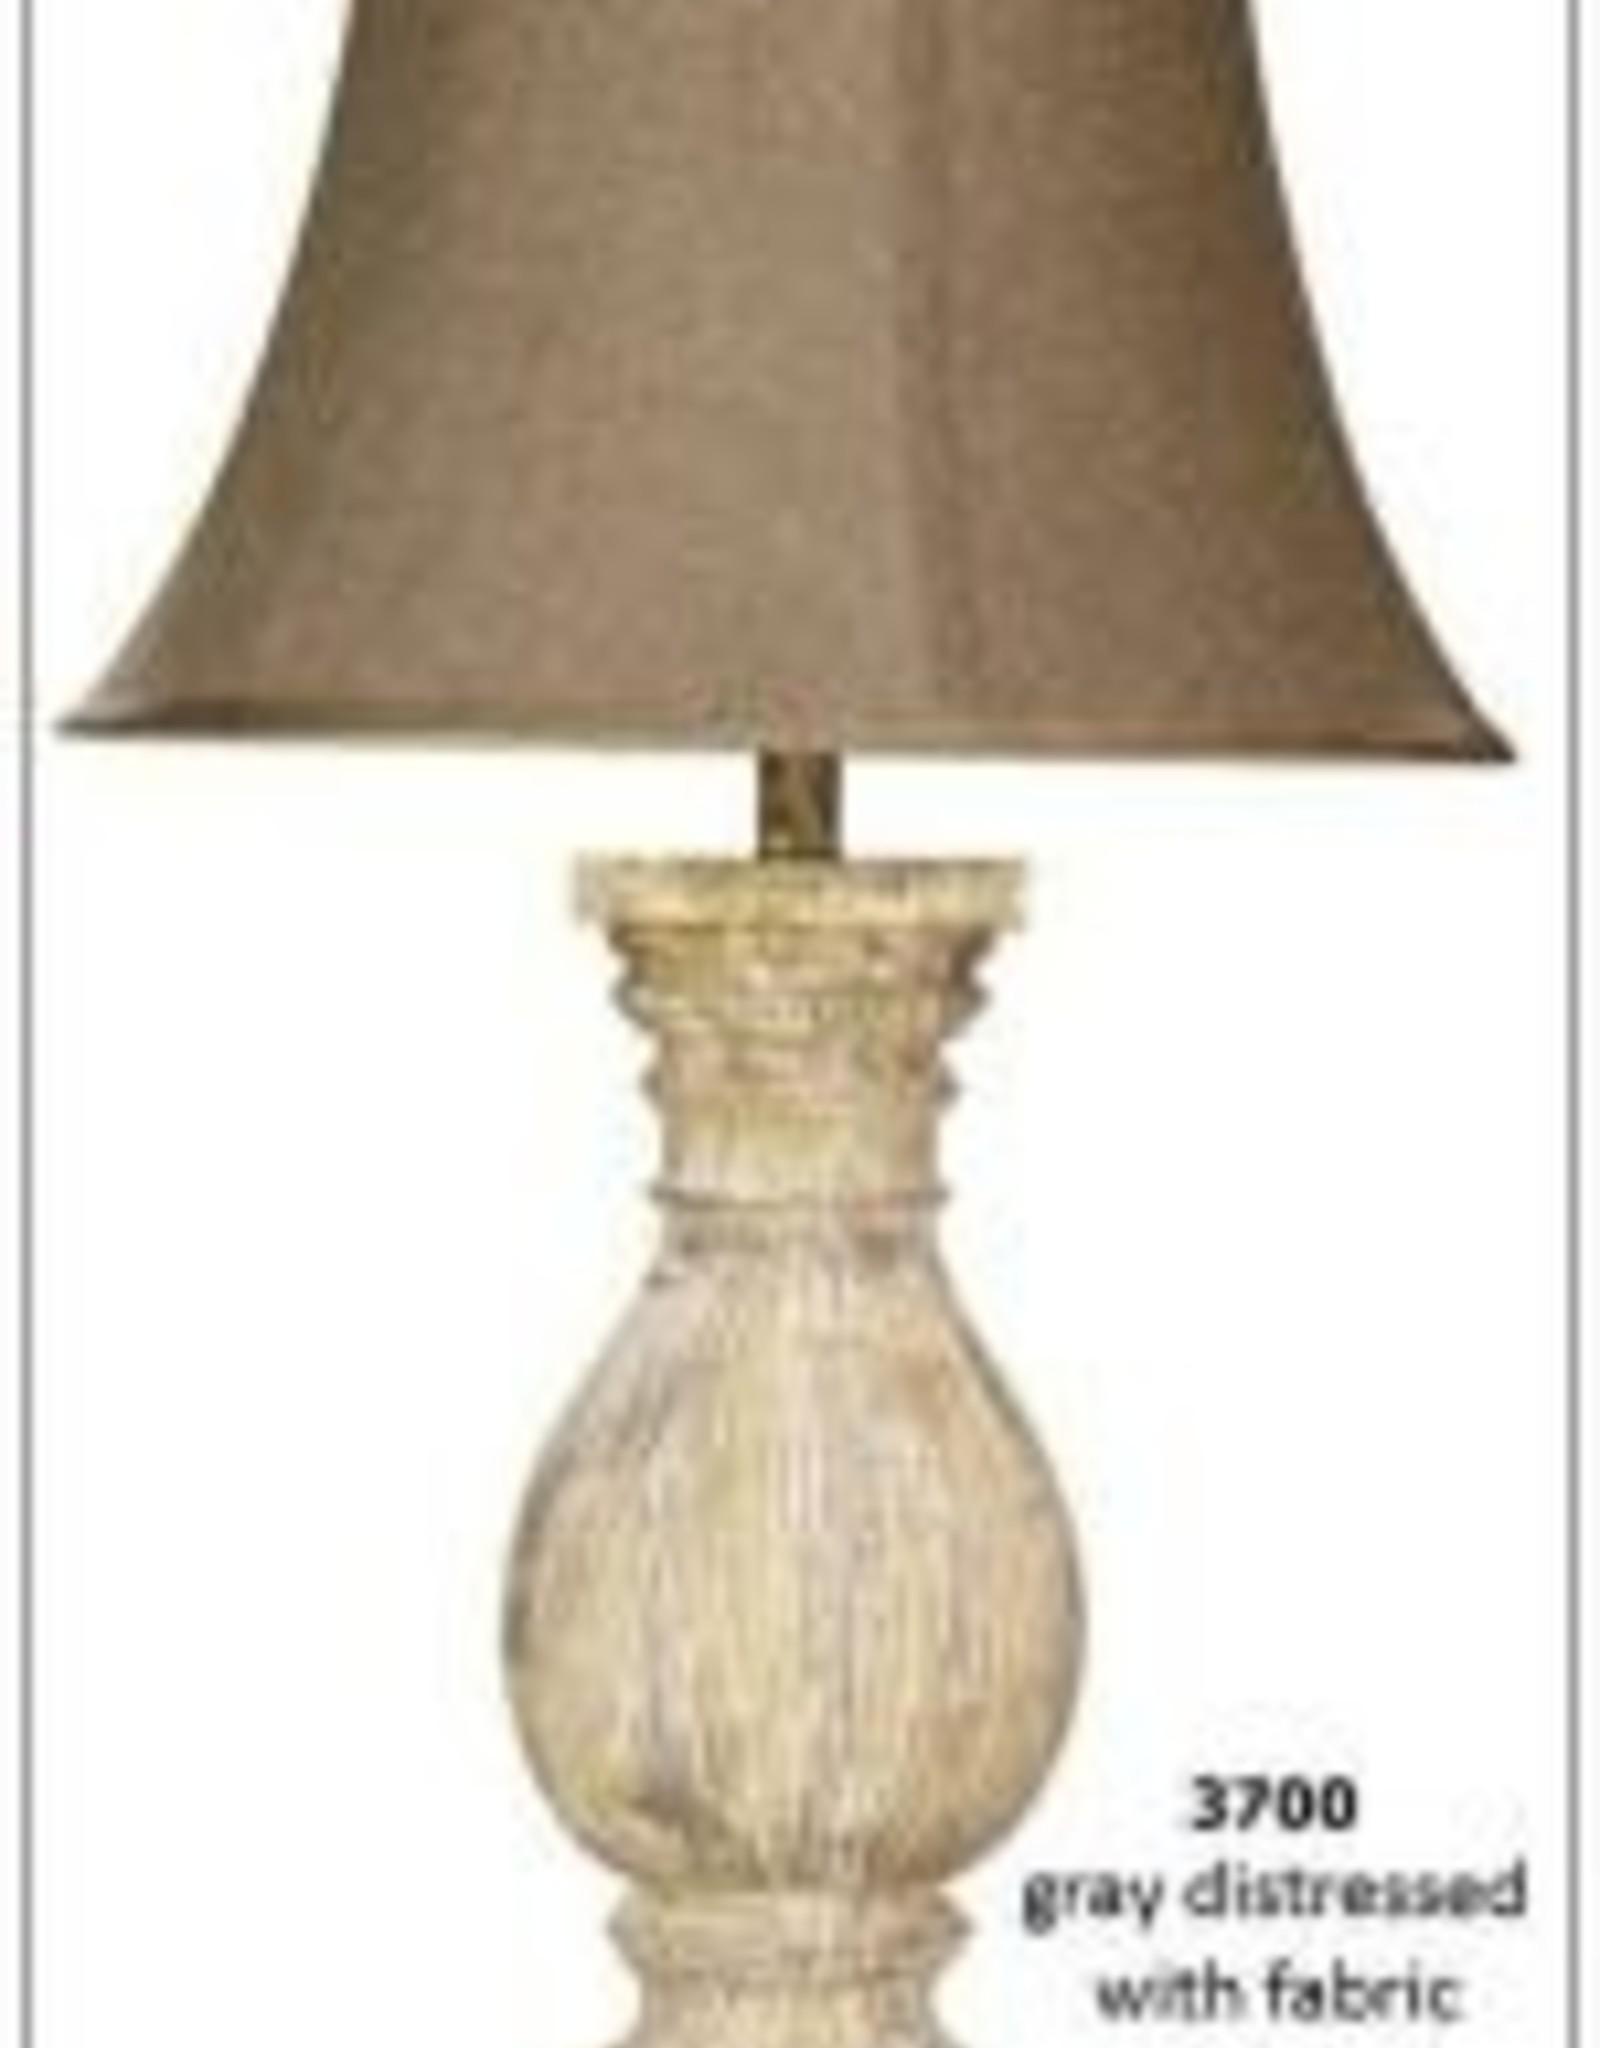 H&H 3700 Gray Distressed Lamp